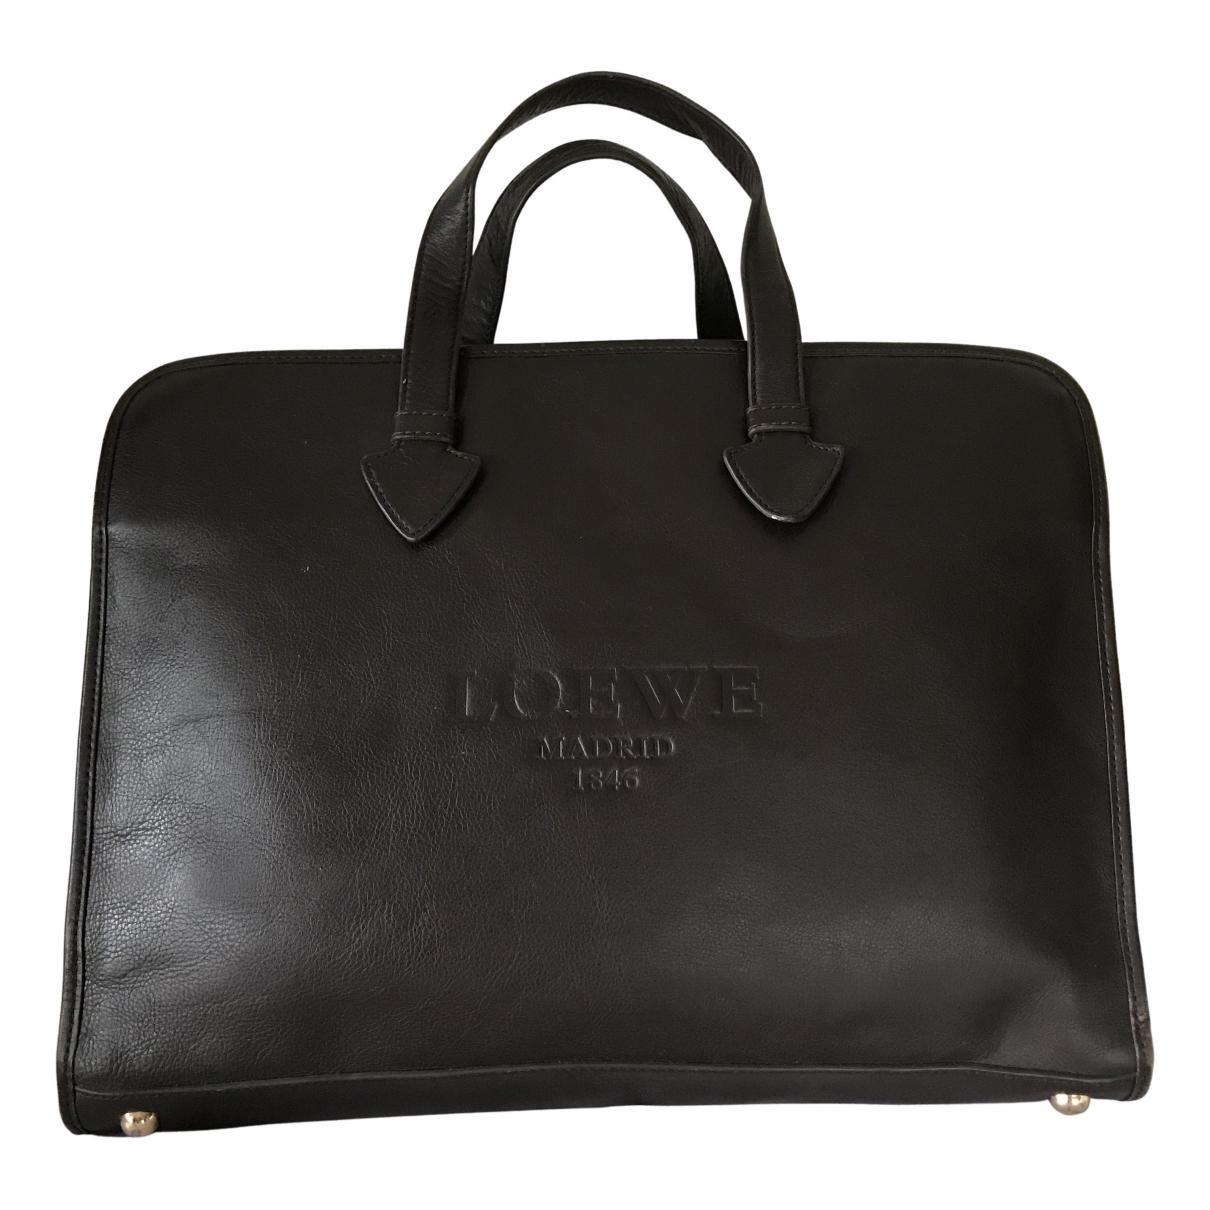 Loewe N Brown Leather bag for Men N